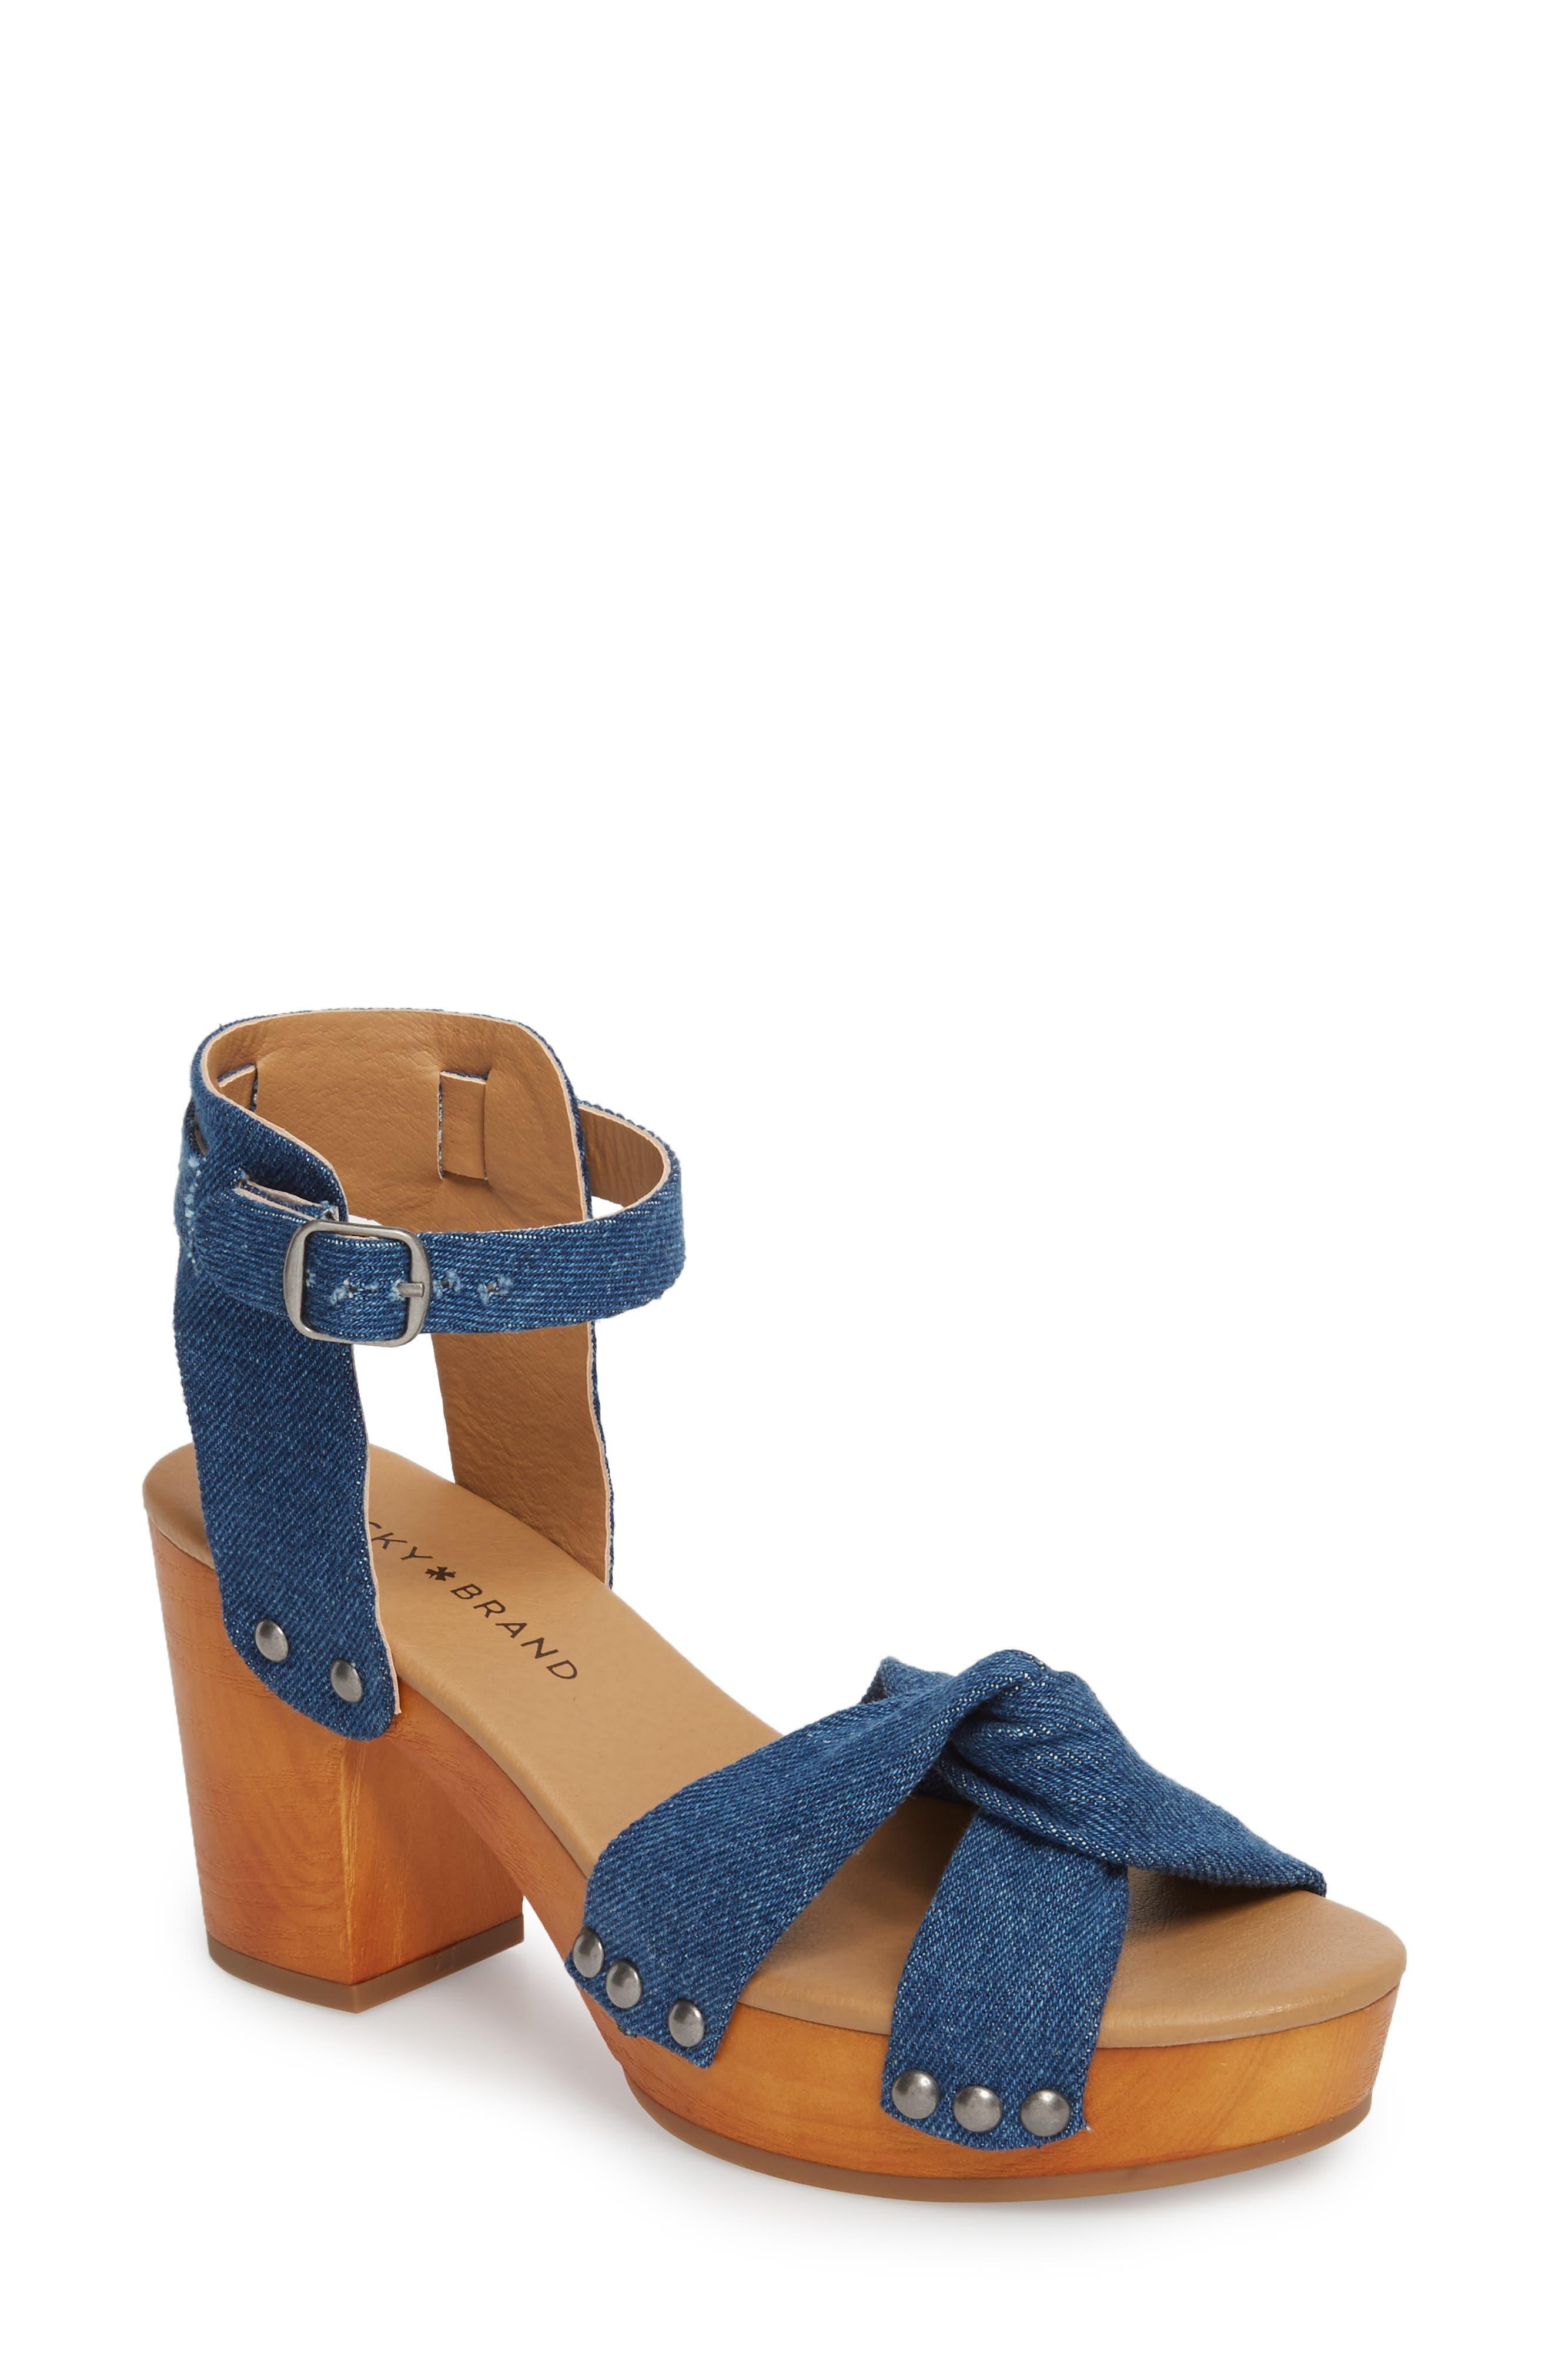 Alternate Image 1 Selected - Lucky Brand Whitneigh Sandal (Women)